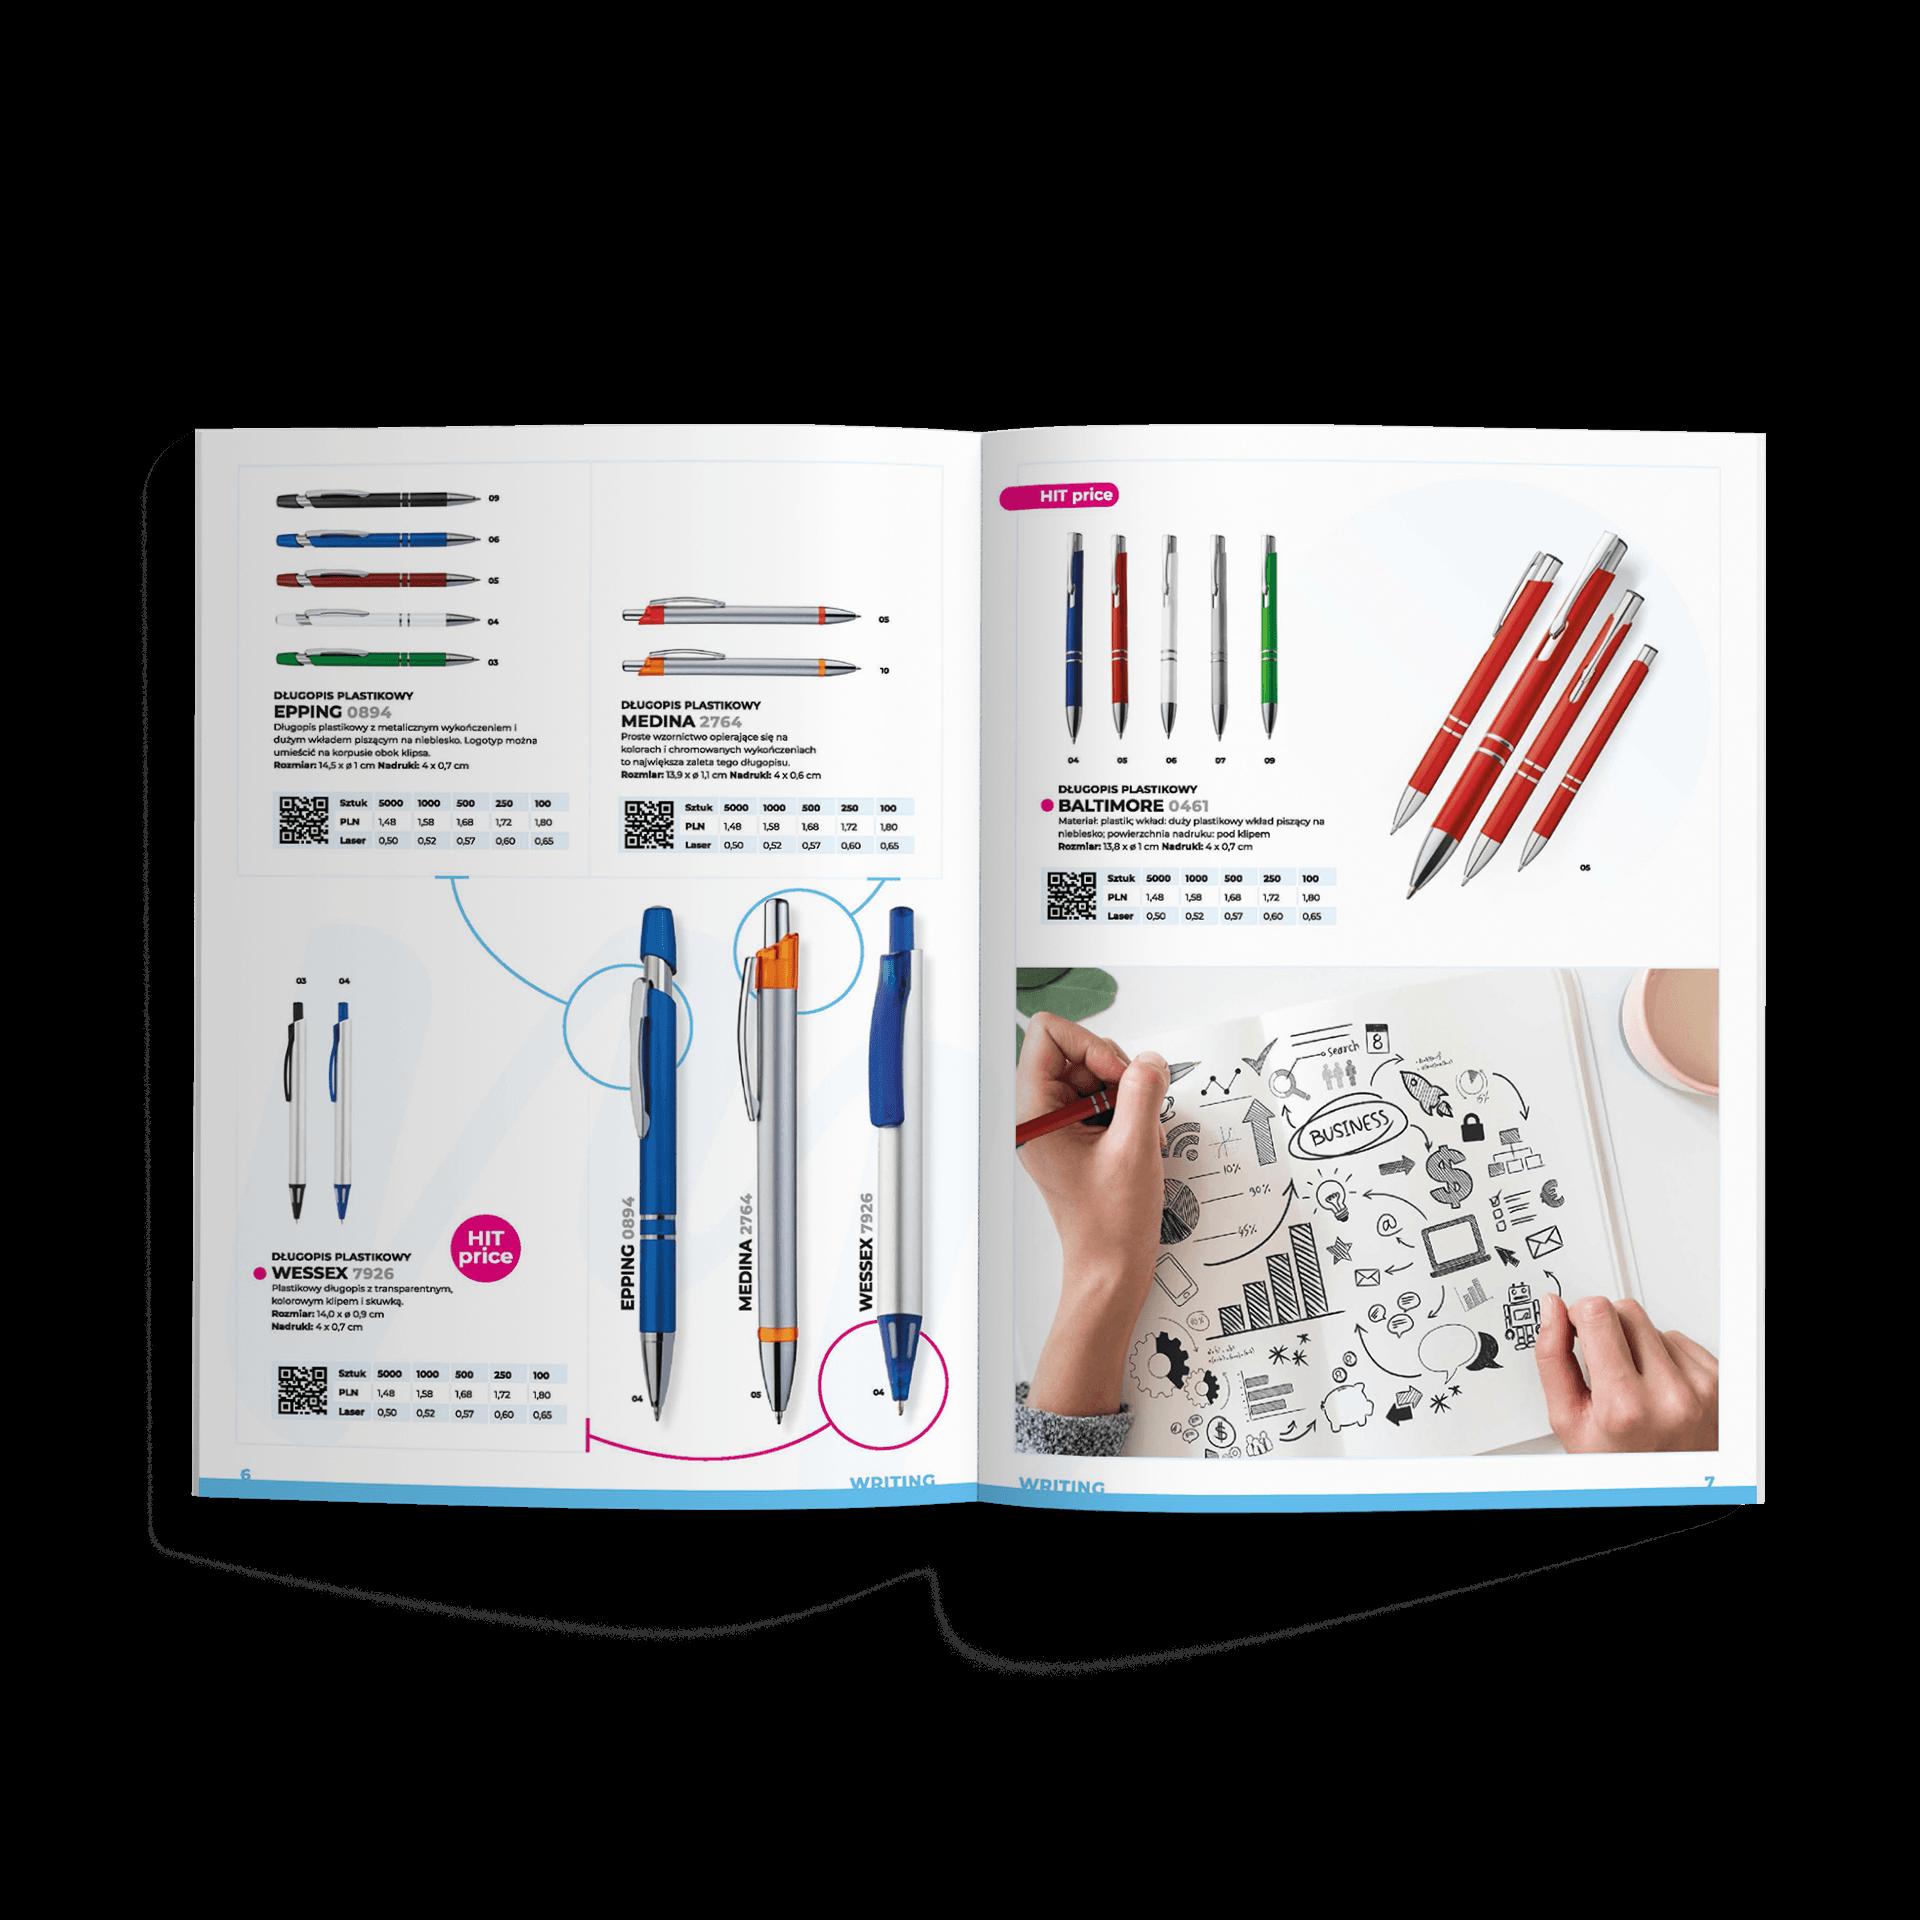 Katalog pionowy makieta katalog produktowy z gadzetami macma | studio graficzne wzór | jak zrobić katalog produktowy? Kompletny poradnik marketingowca |